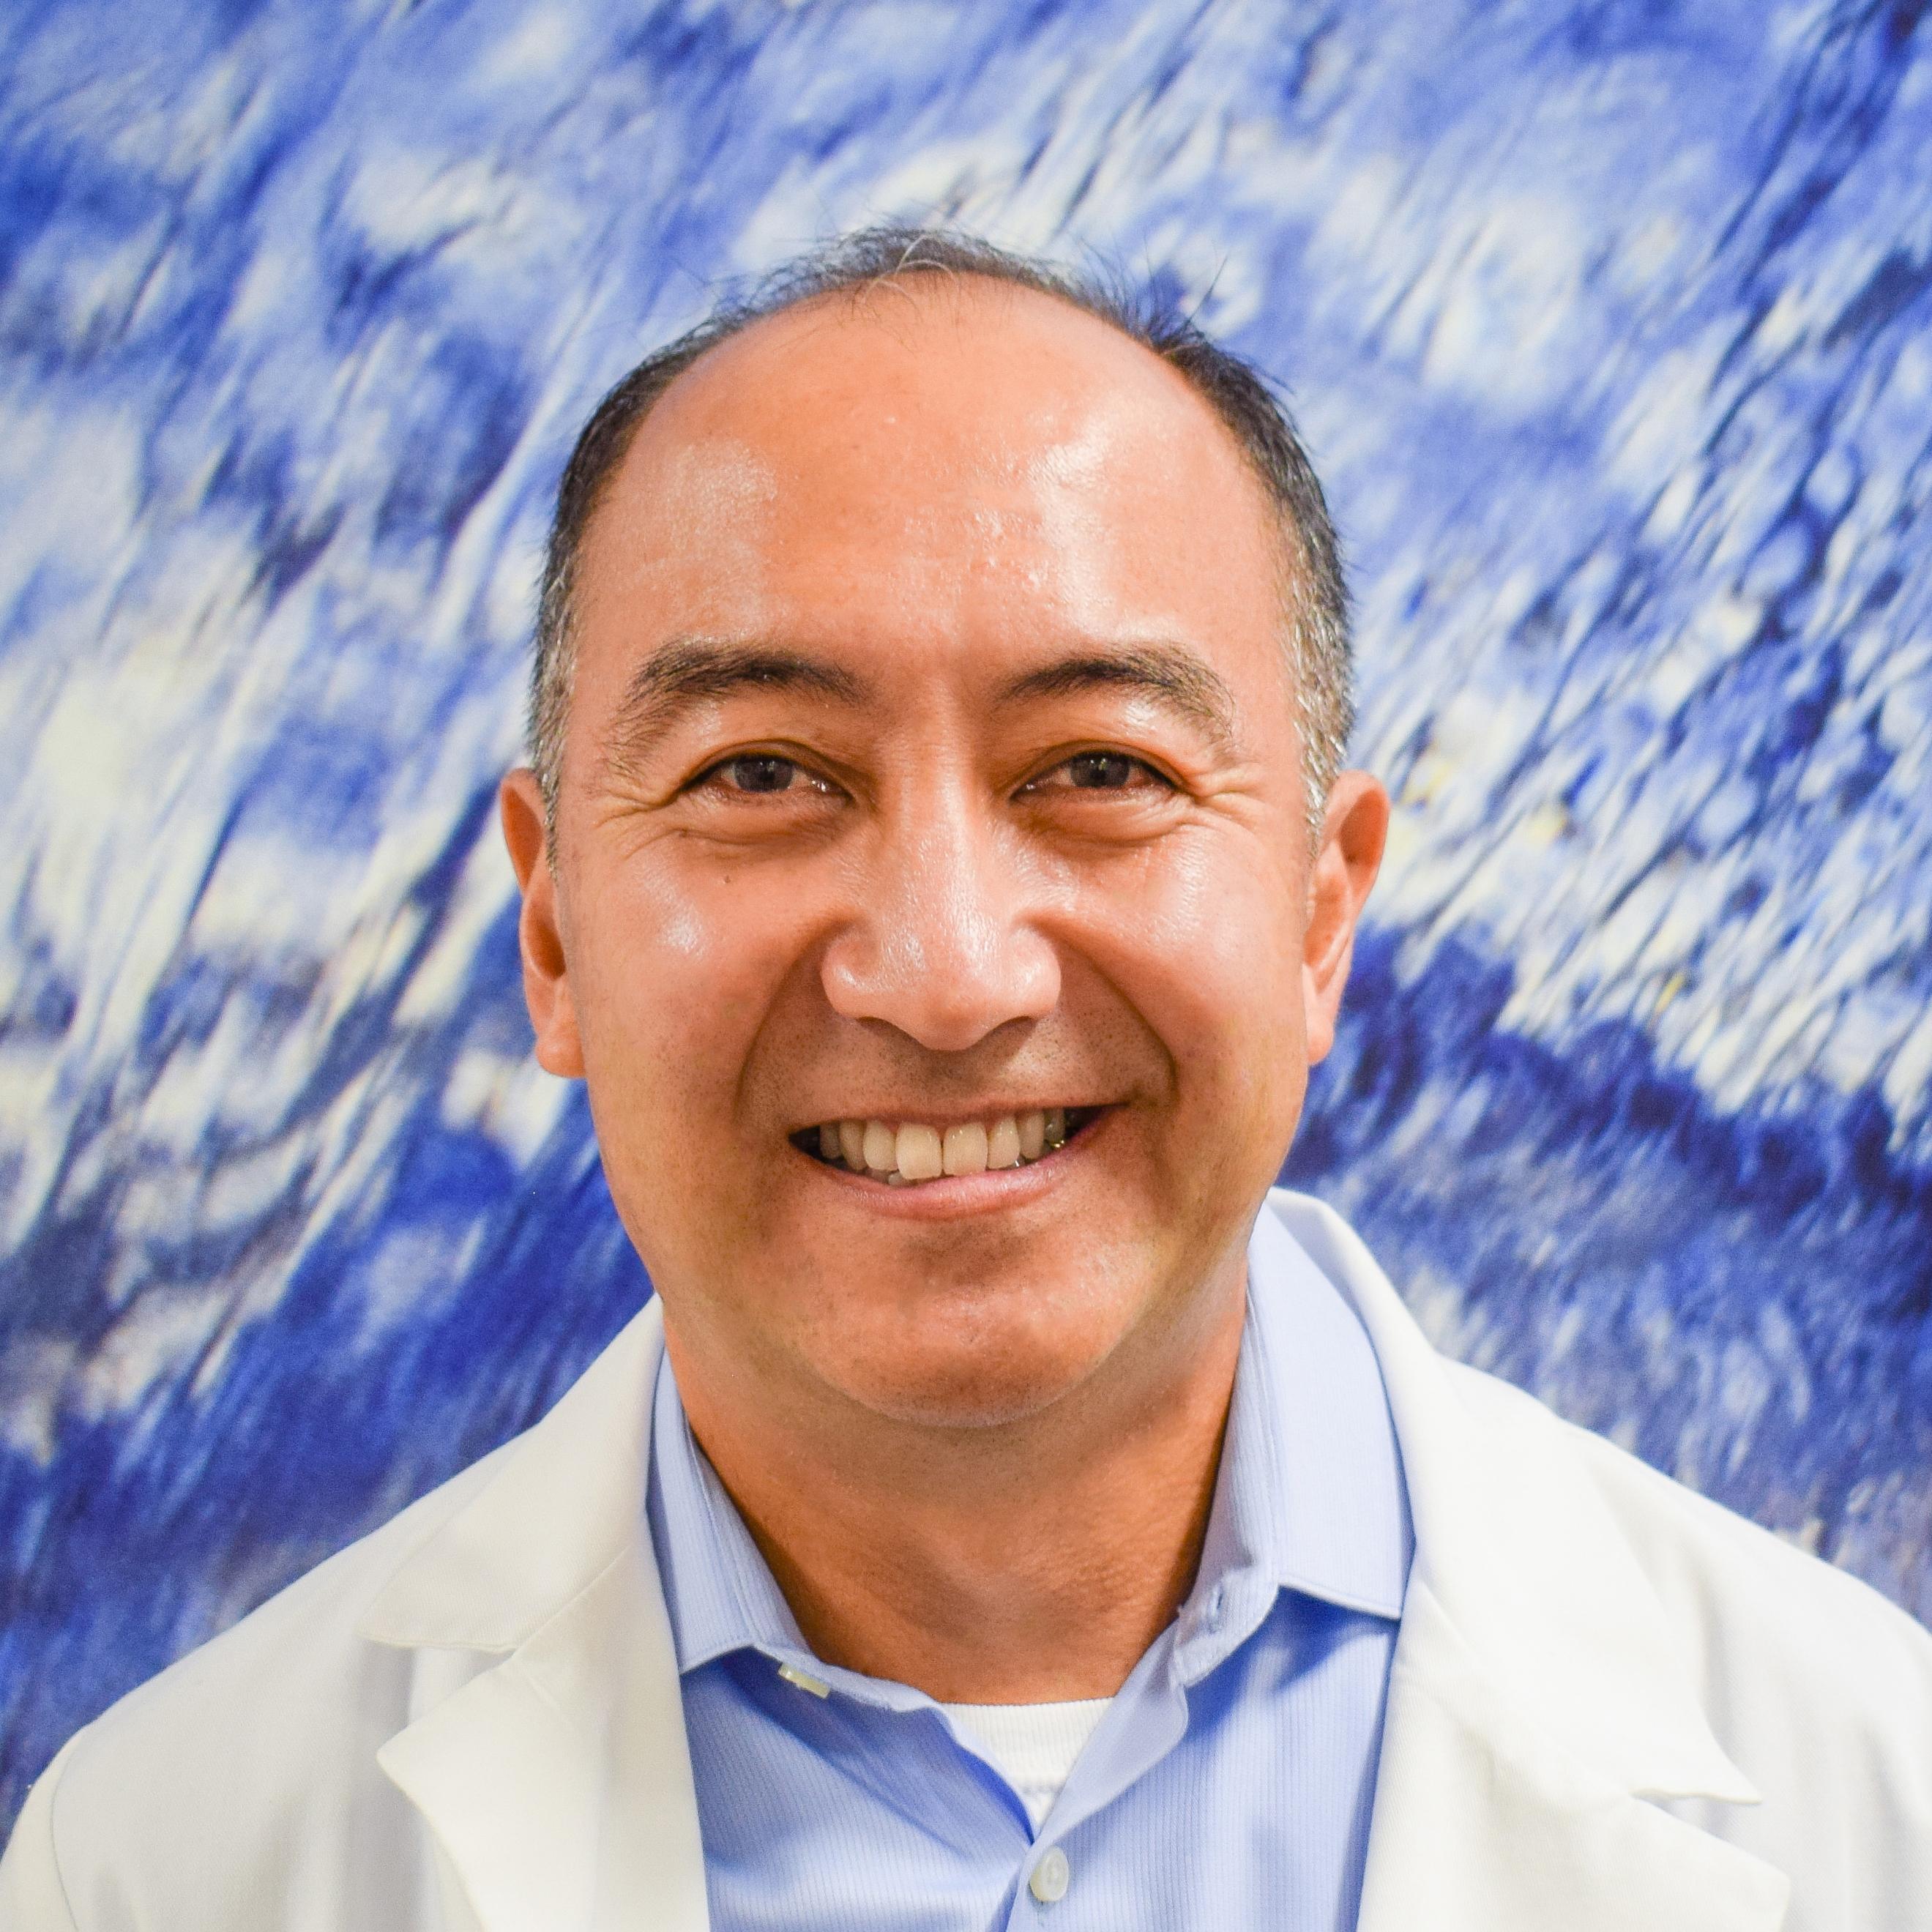 Todd S. Kimura, DDS